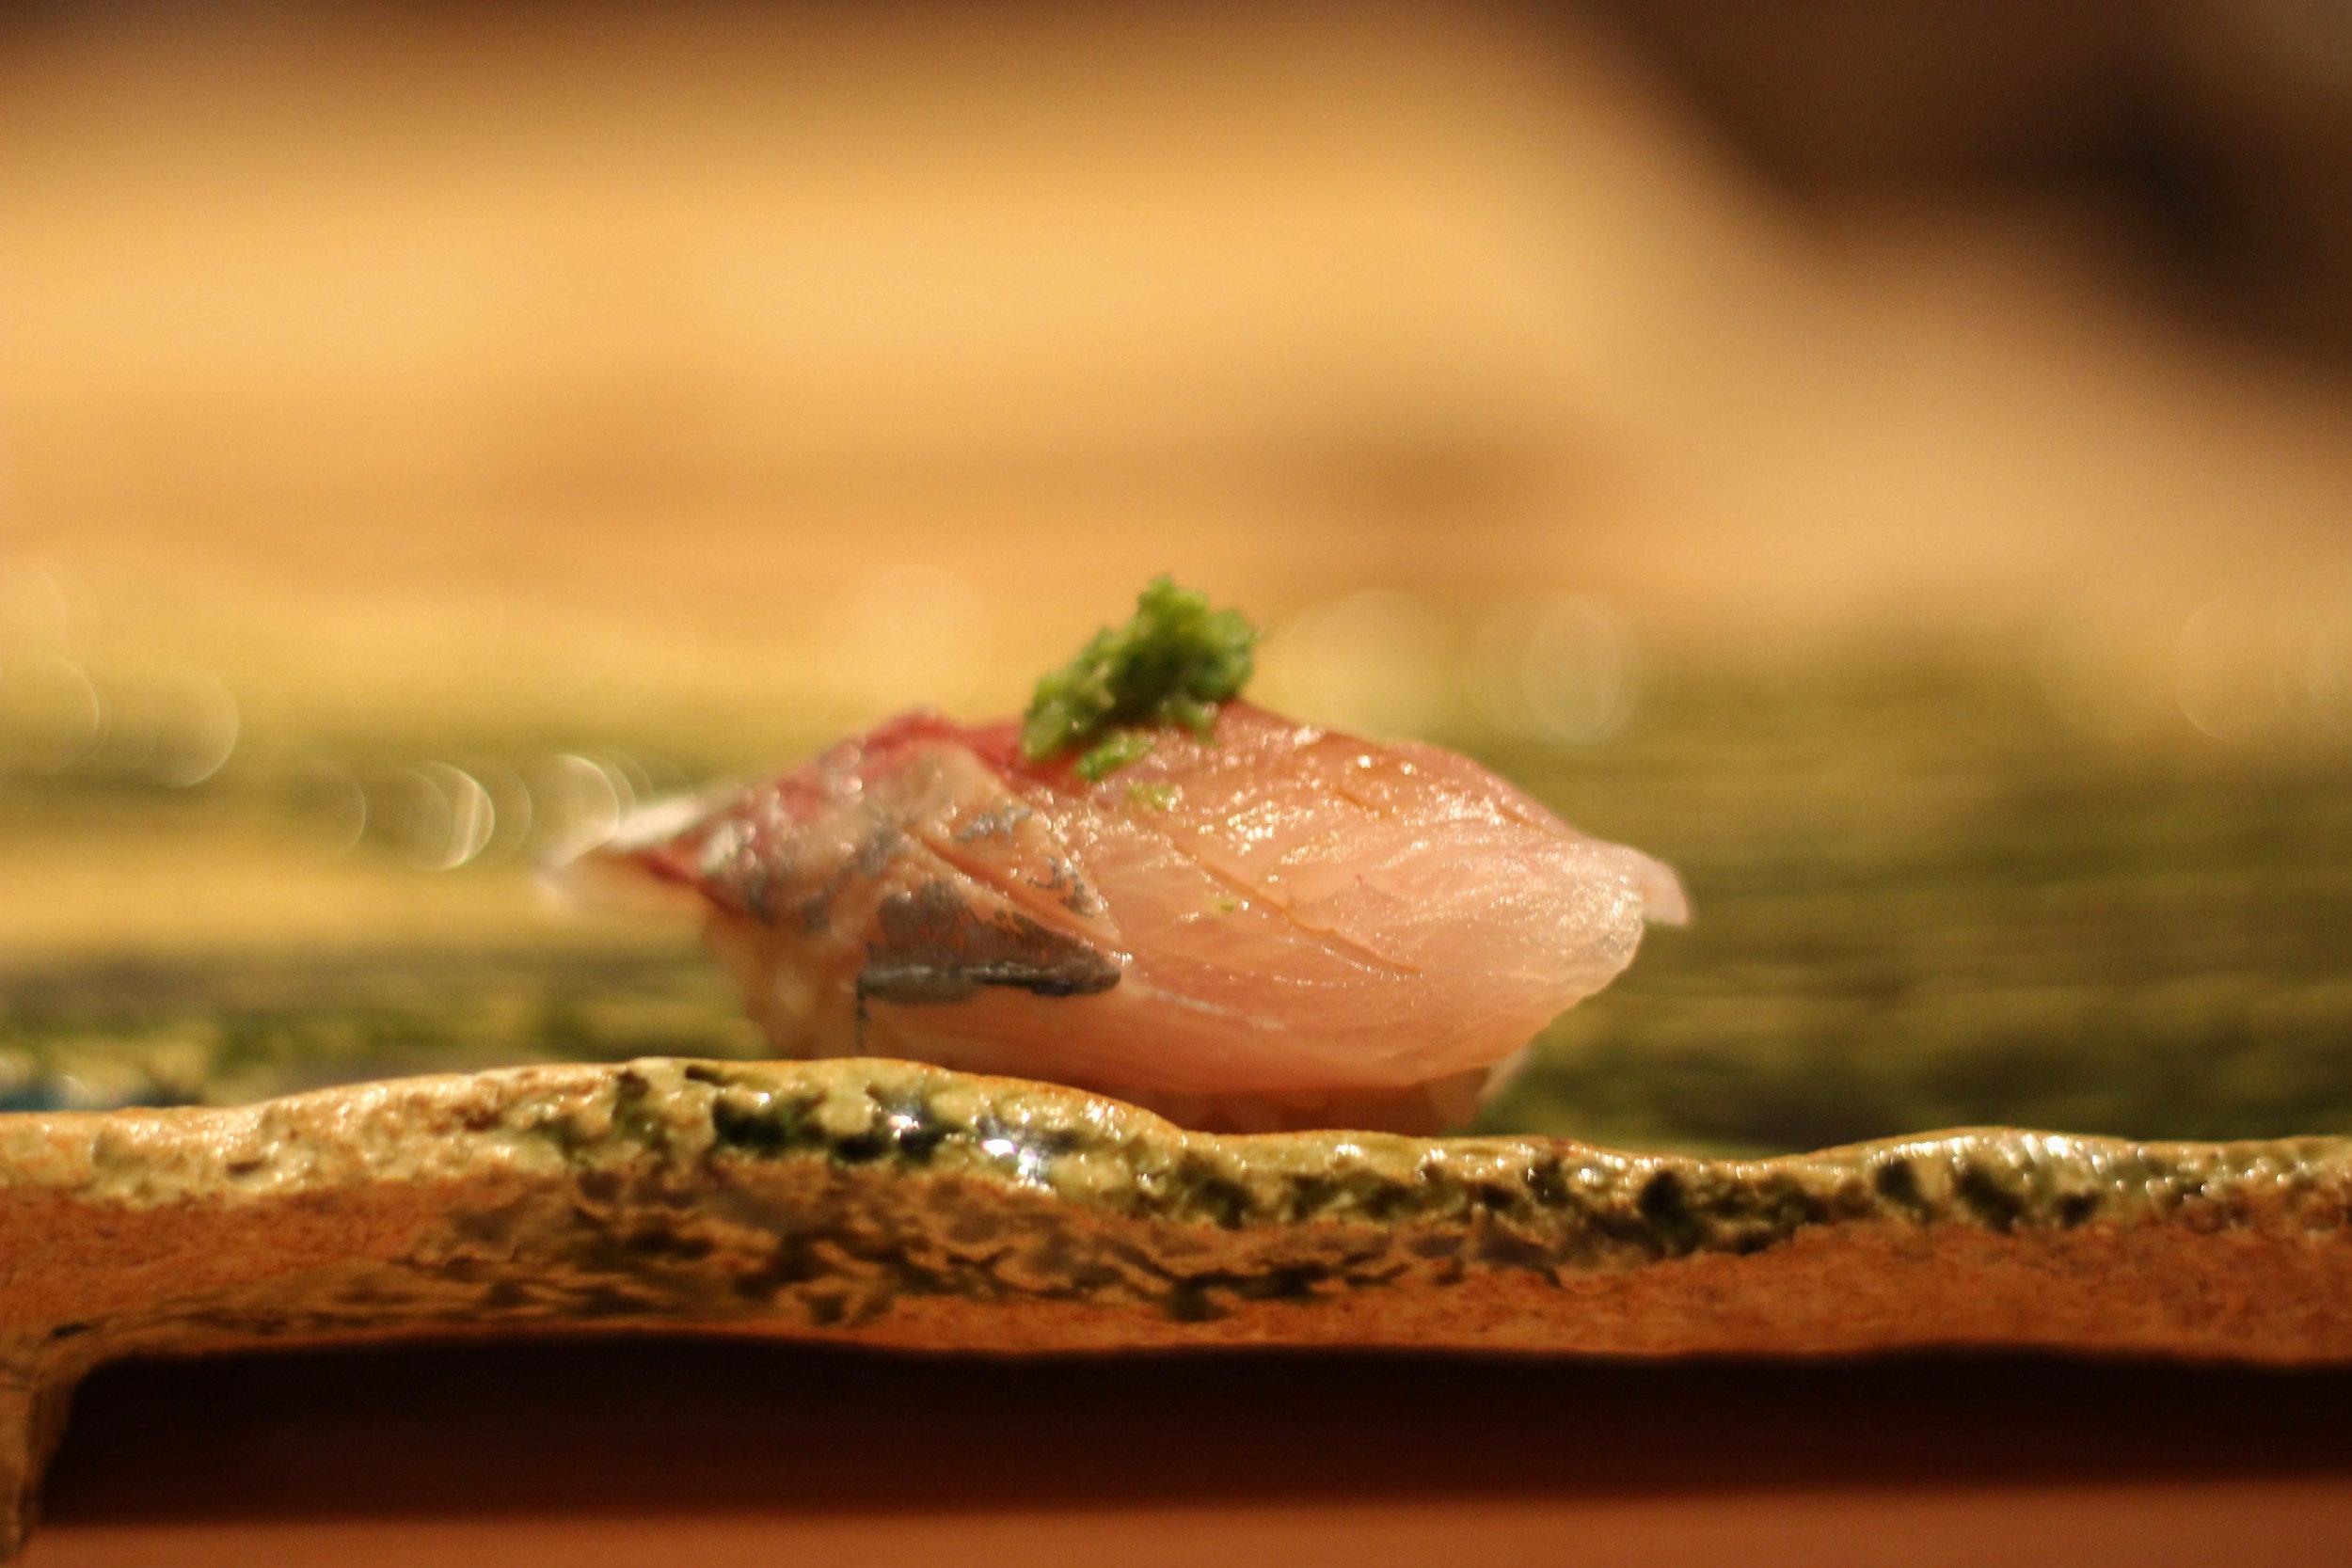 yoshizumi-2-of-15.jpg